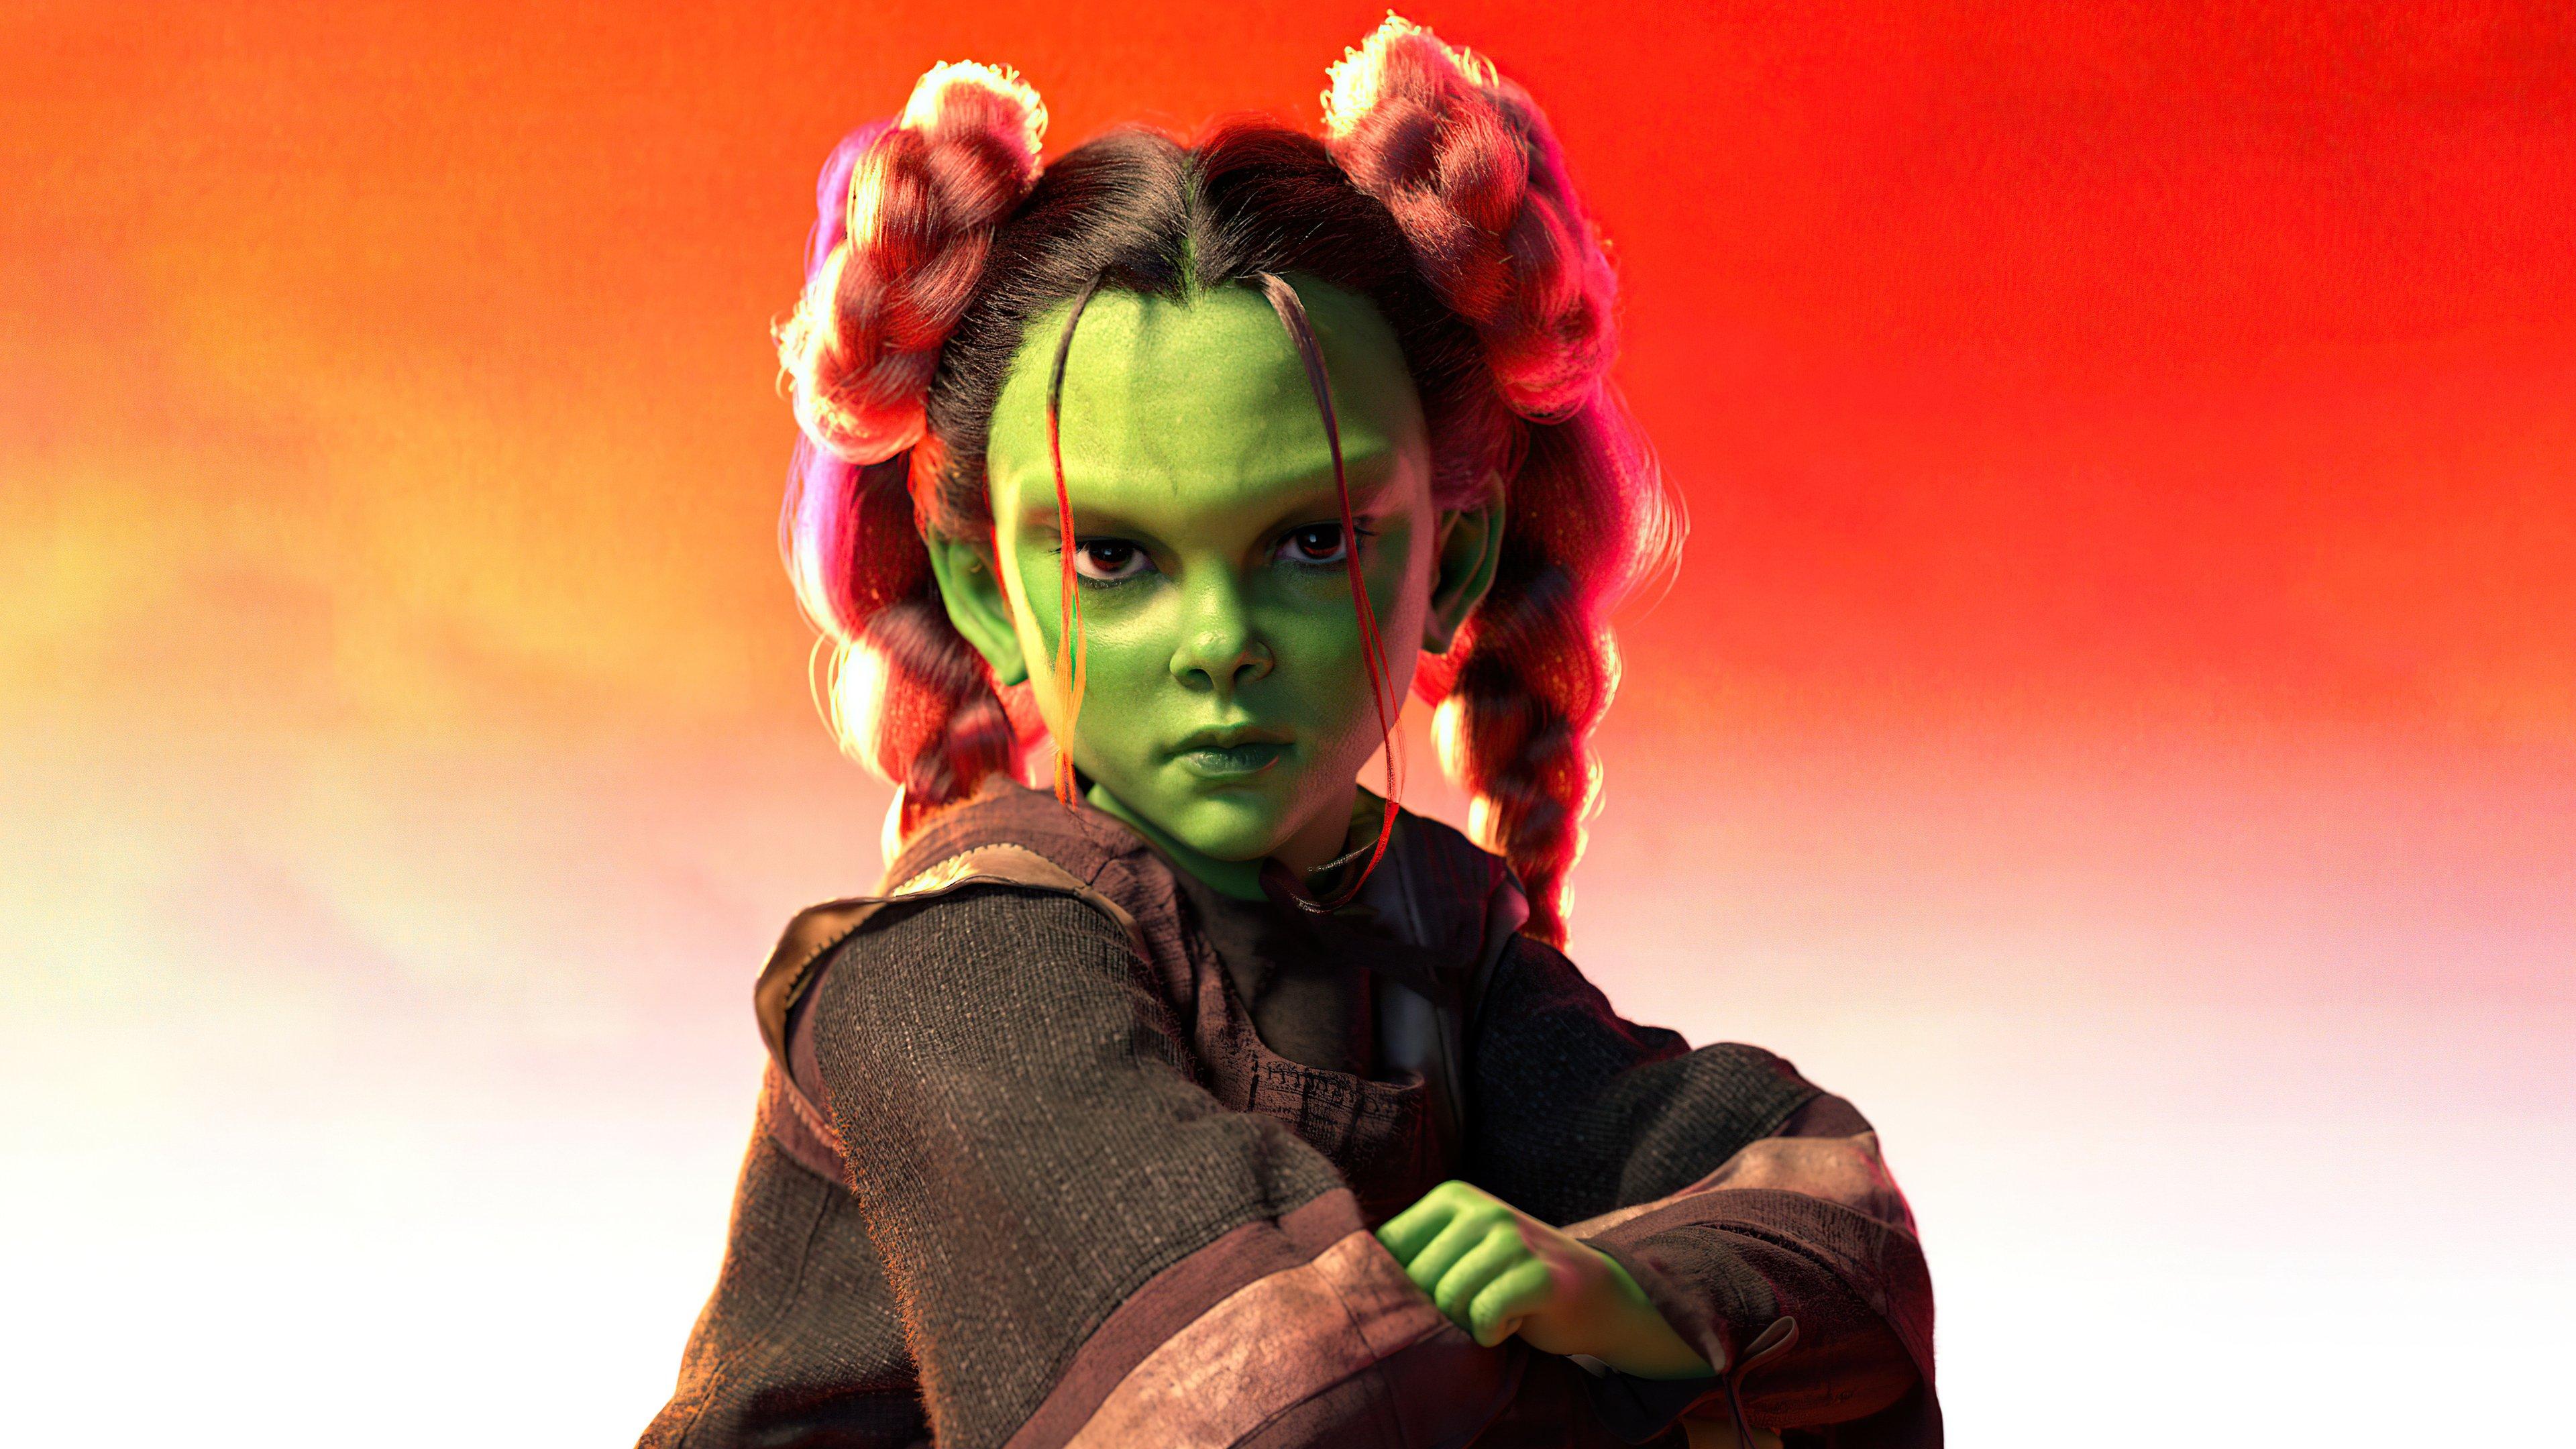 Fondos de pantalla Gamora como niña